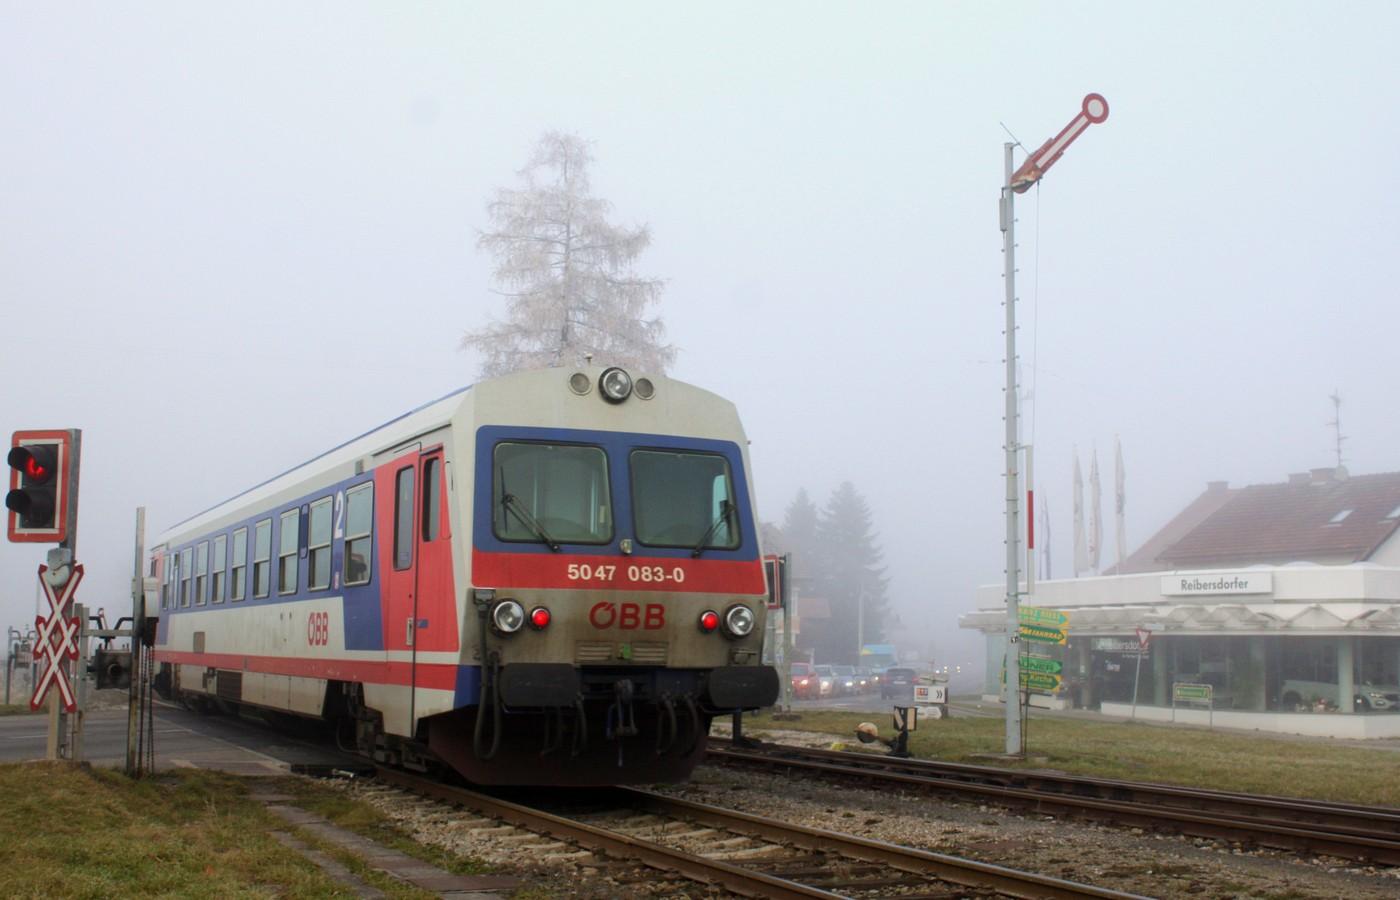 http://www.eisenbahn-im-bild.de/Temp/A_Mattighofen_IMG_7090.jpg